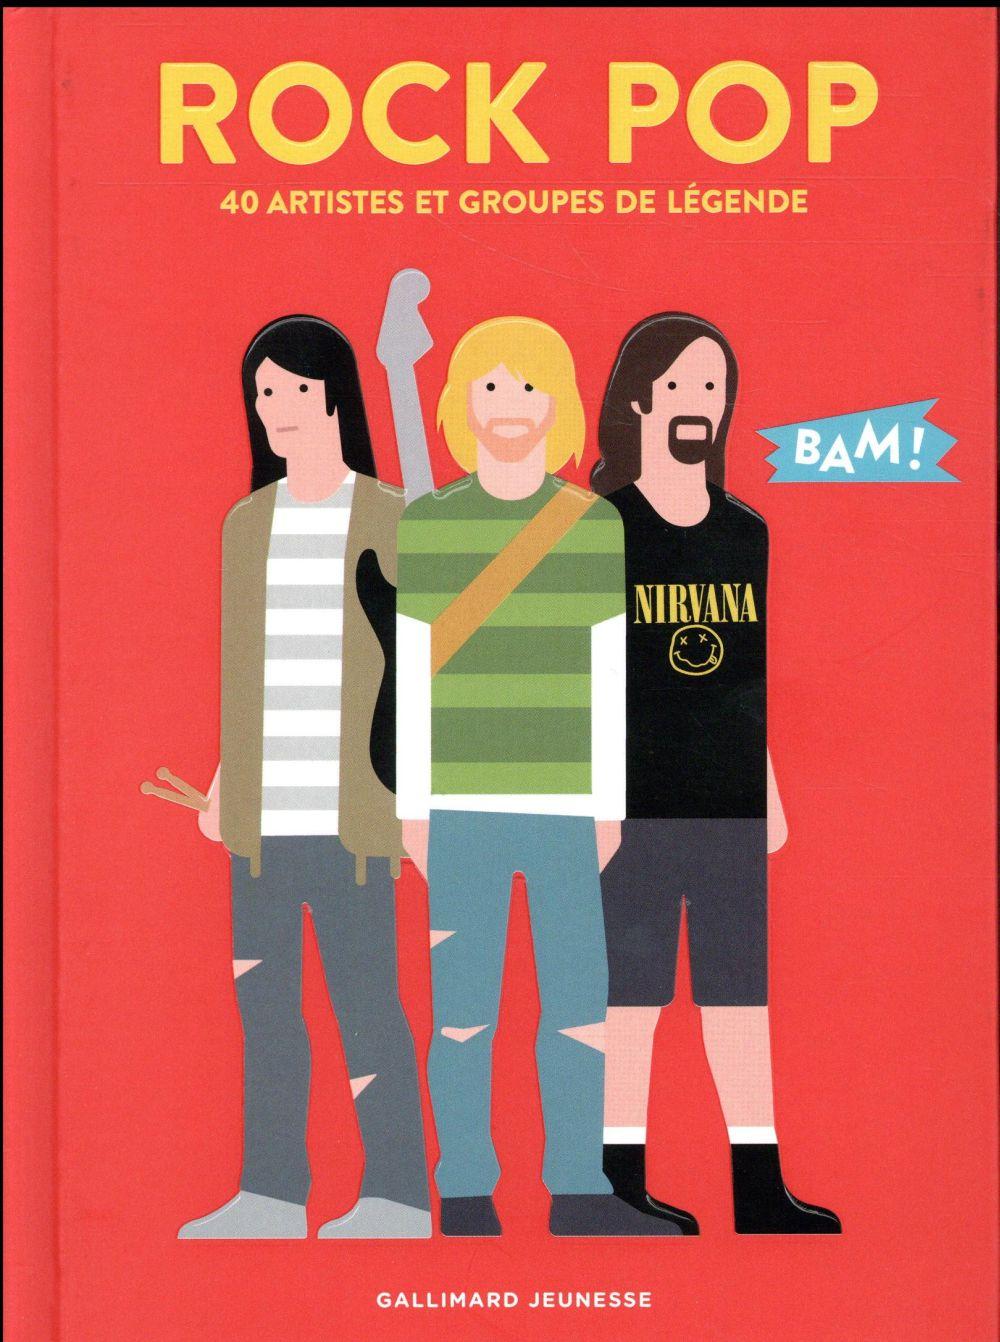 Rock pop ; 40 artistes et groupes de légende